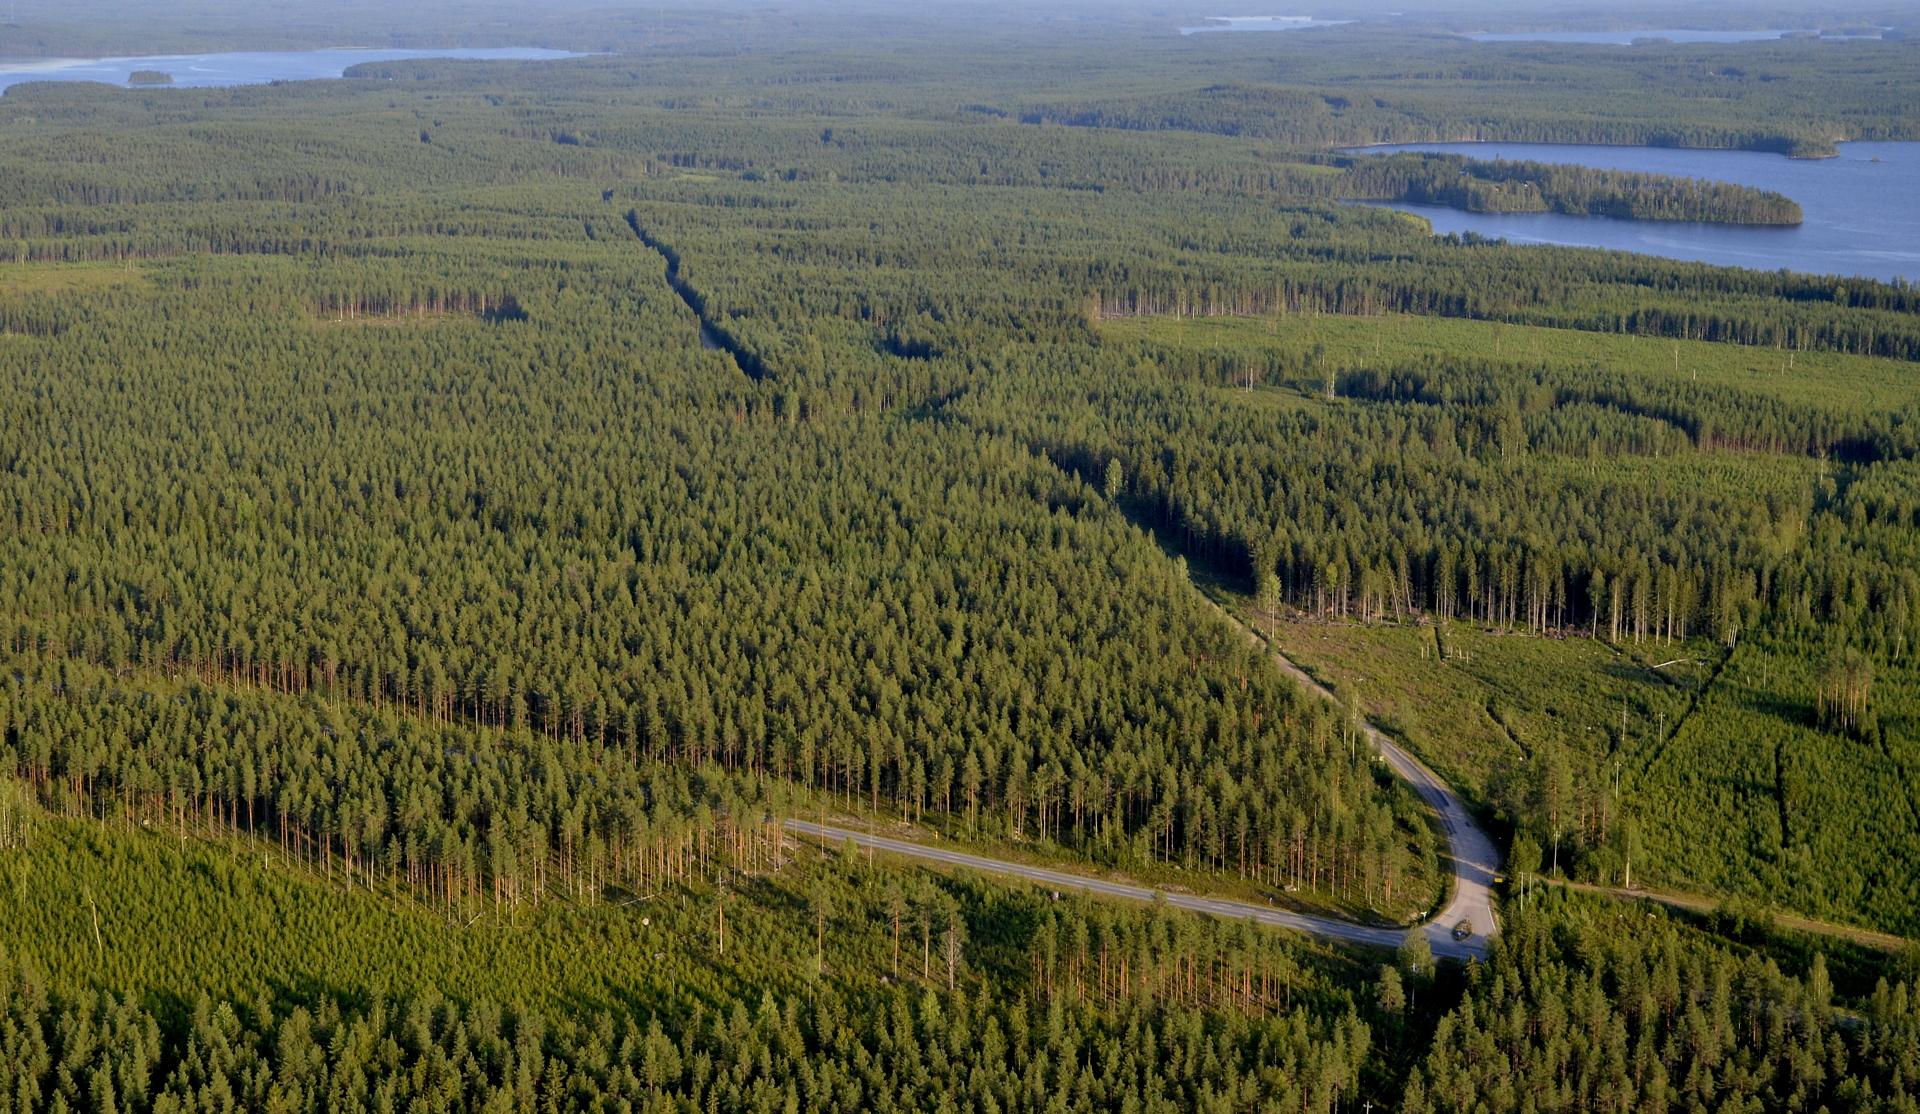 Edessä poikittain Kyyjärvi-Viitasaari tie ja eteenpäin suuntautuva tie vie Kannonkoskelle jota minäkin lennollani seurailen.